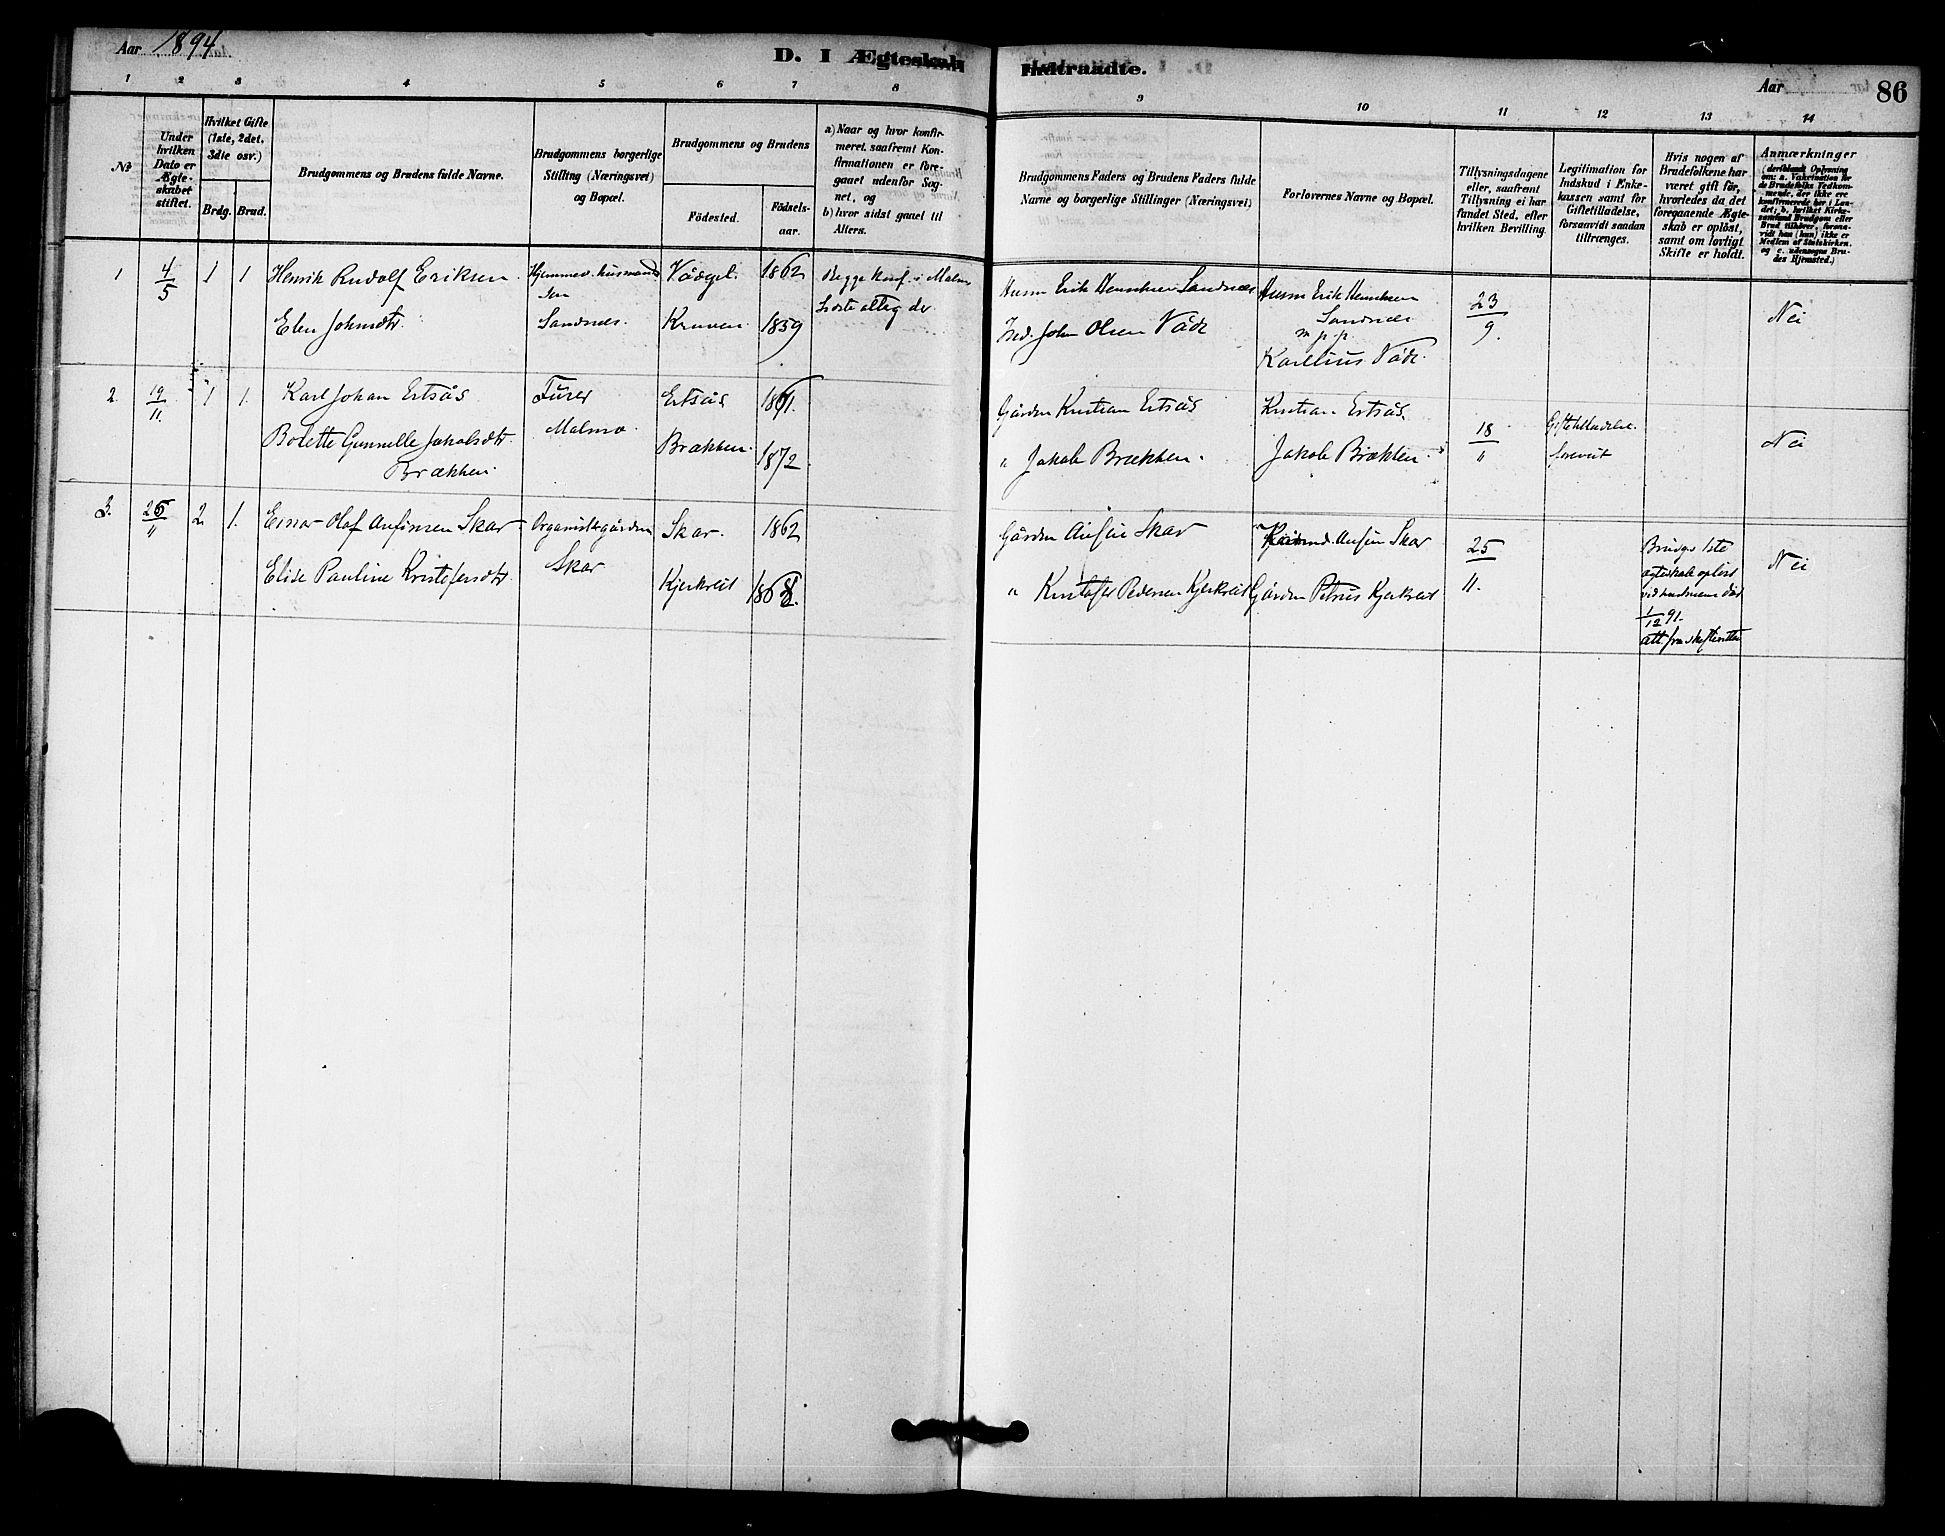 SAT, Ministerialprotokoller, klokkerbøker og fødselsregistre - Nord-Trøndelag, 745/L0429: Ministerialbok nr. 745A01, 1878-1894, s. 86